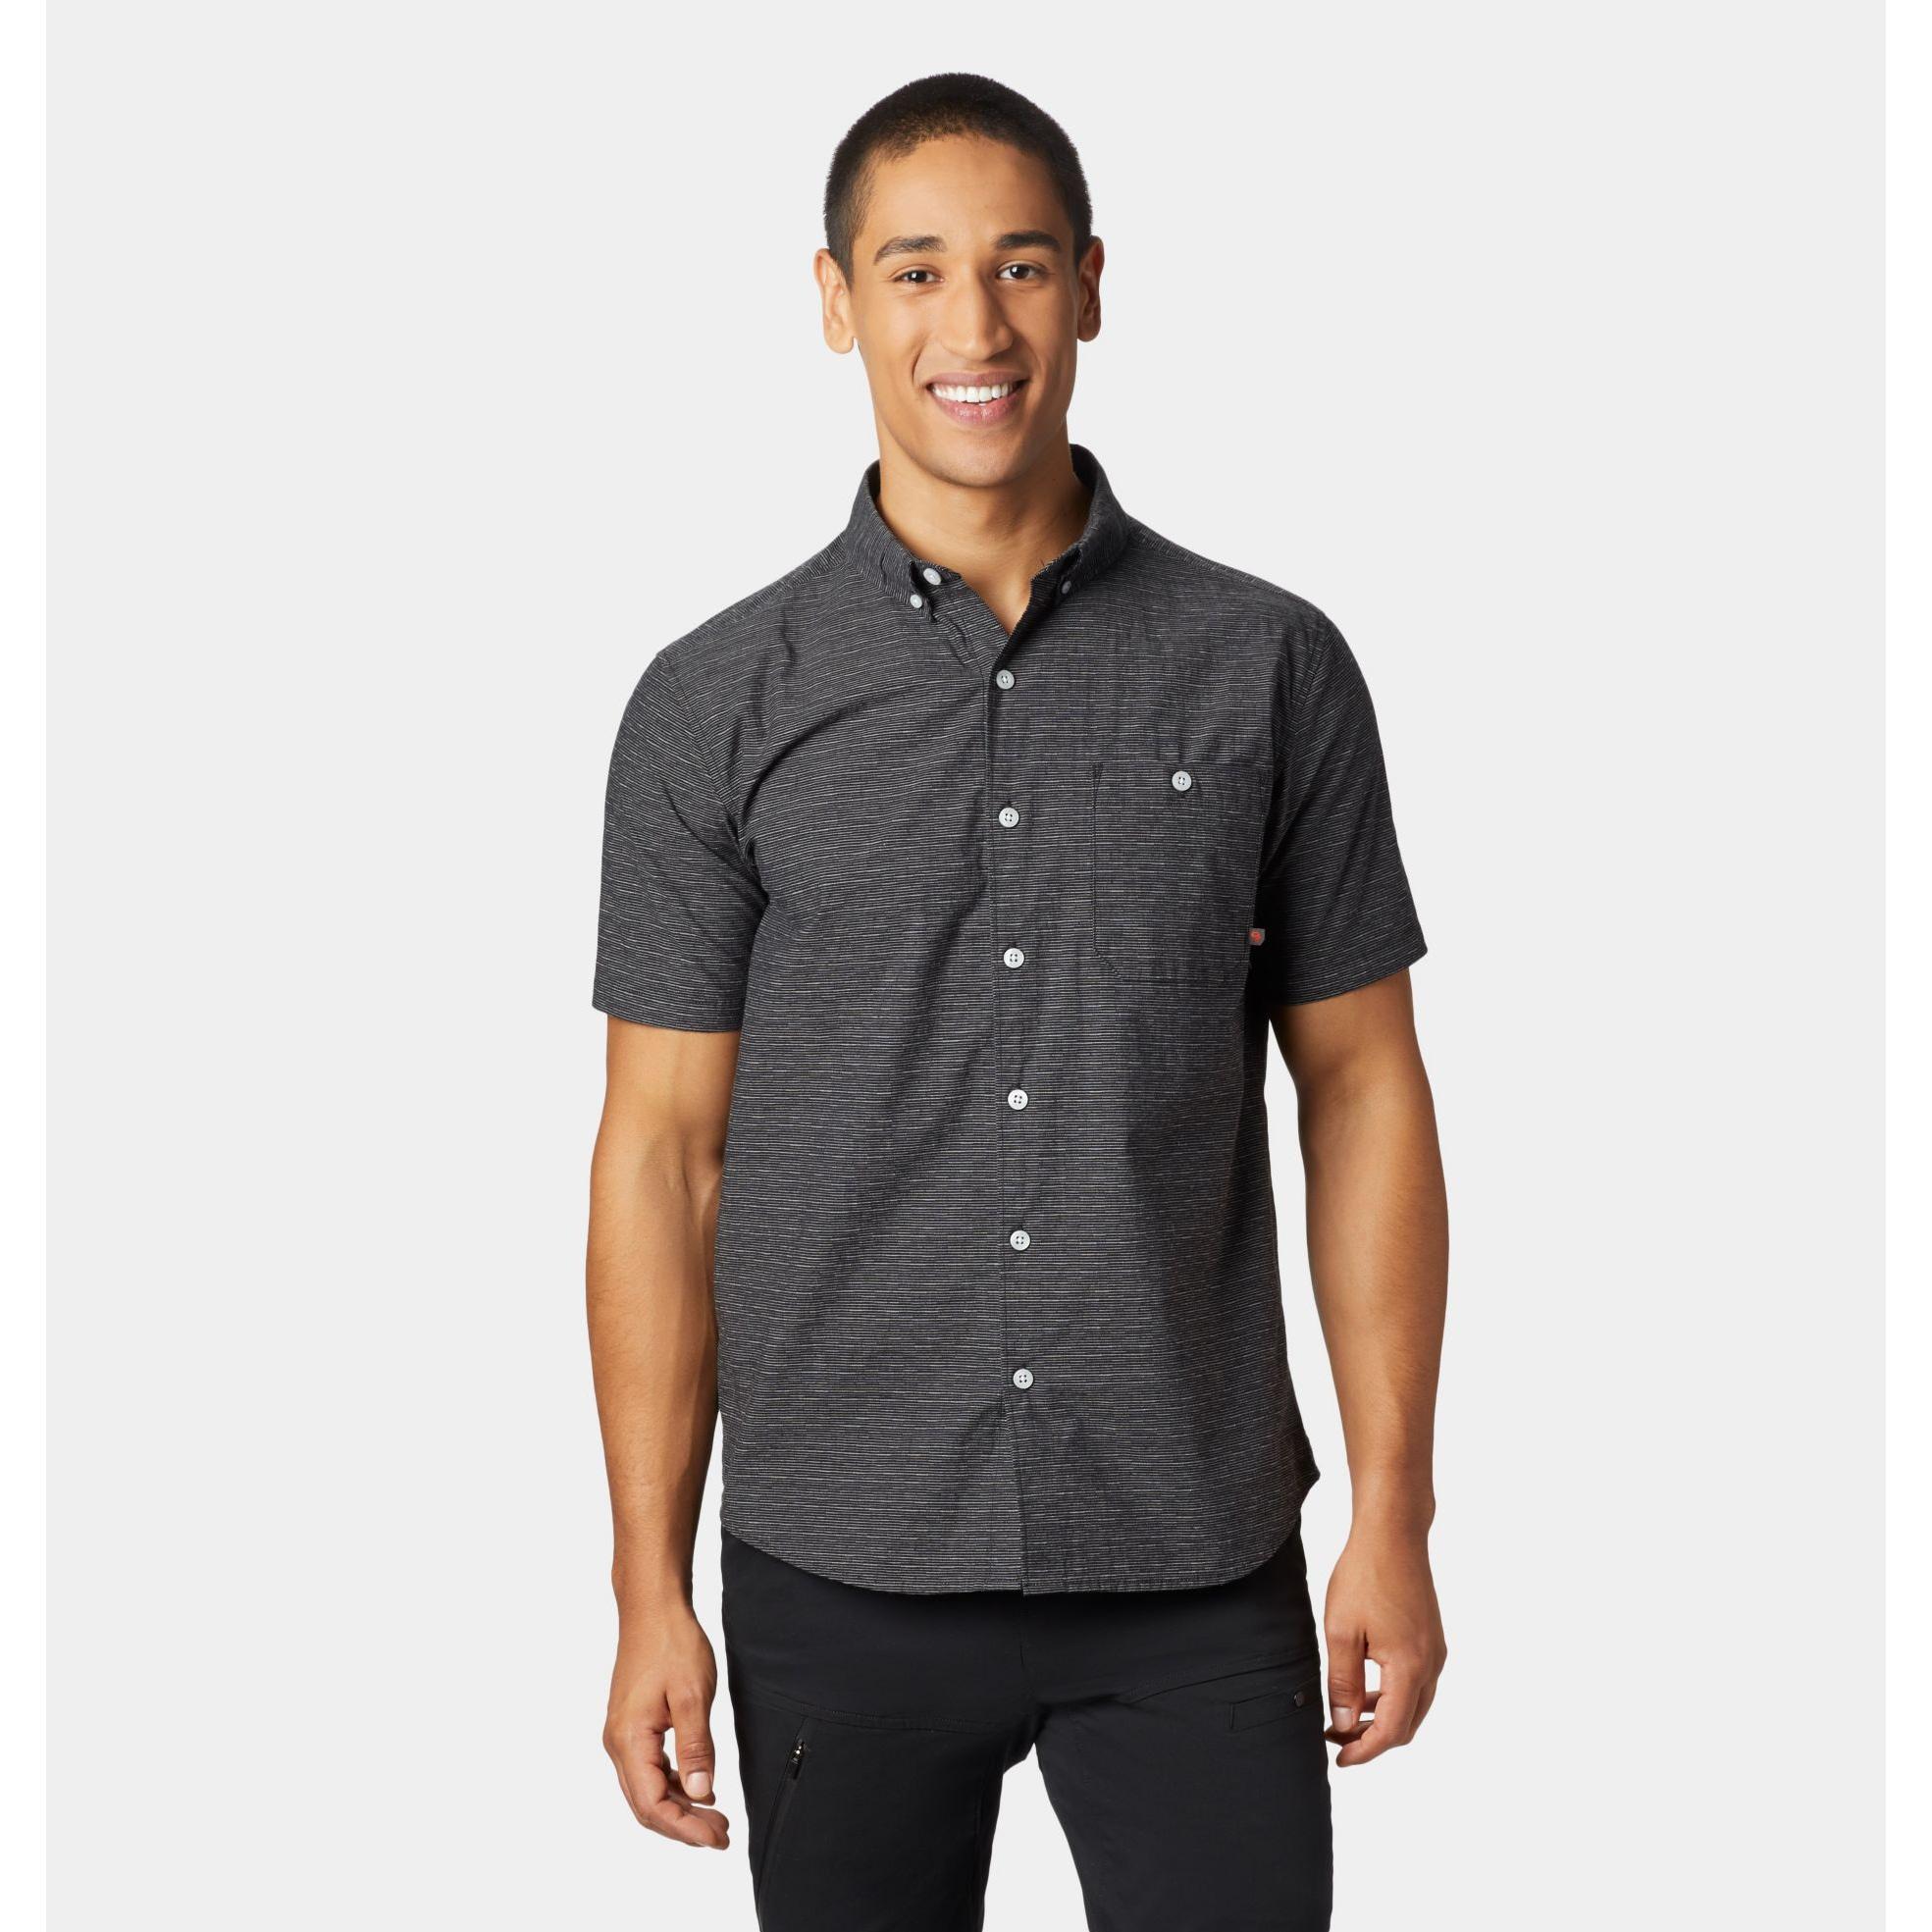 Clear Creek Shirt Short Sleeve - Men's